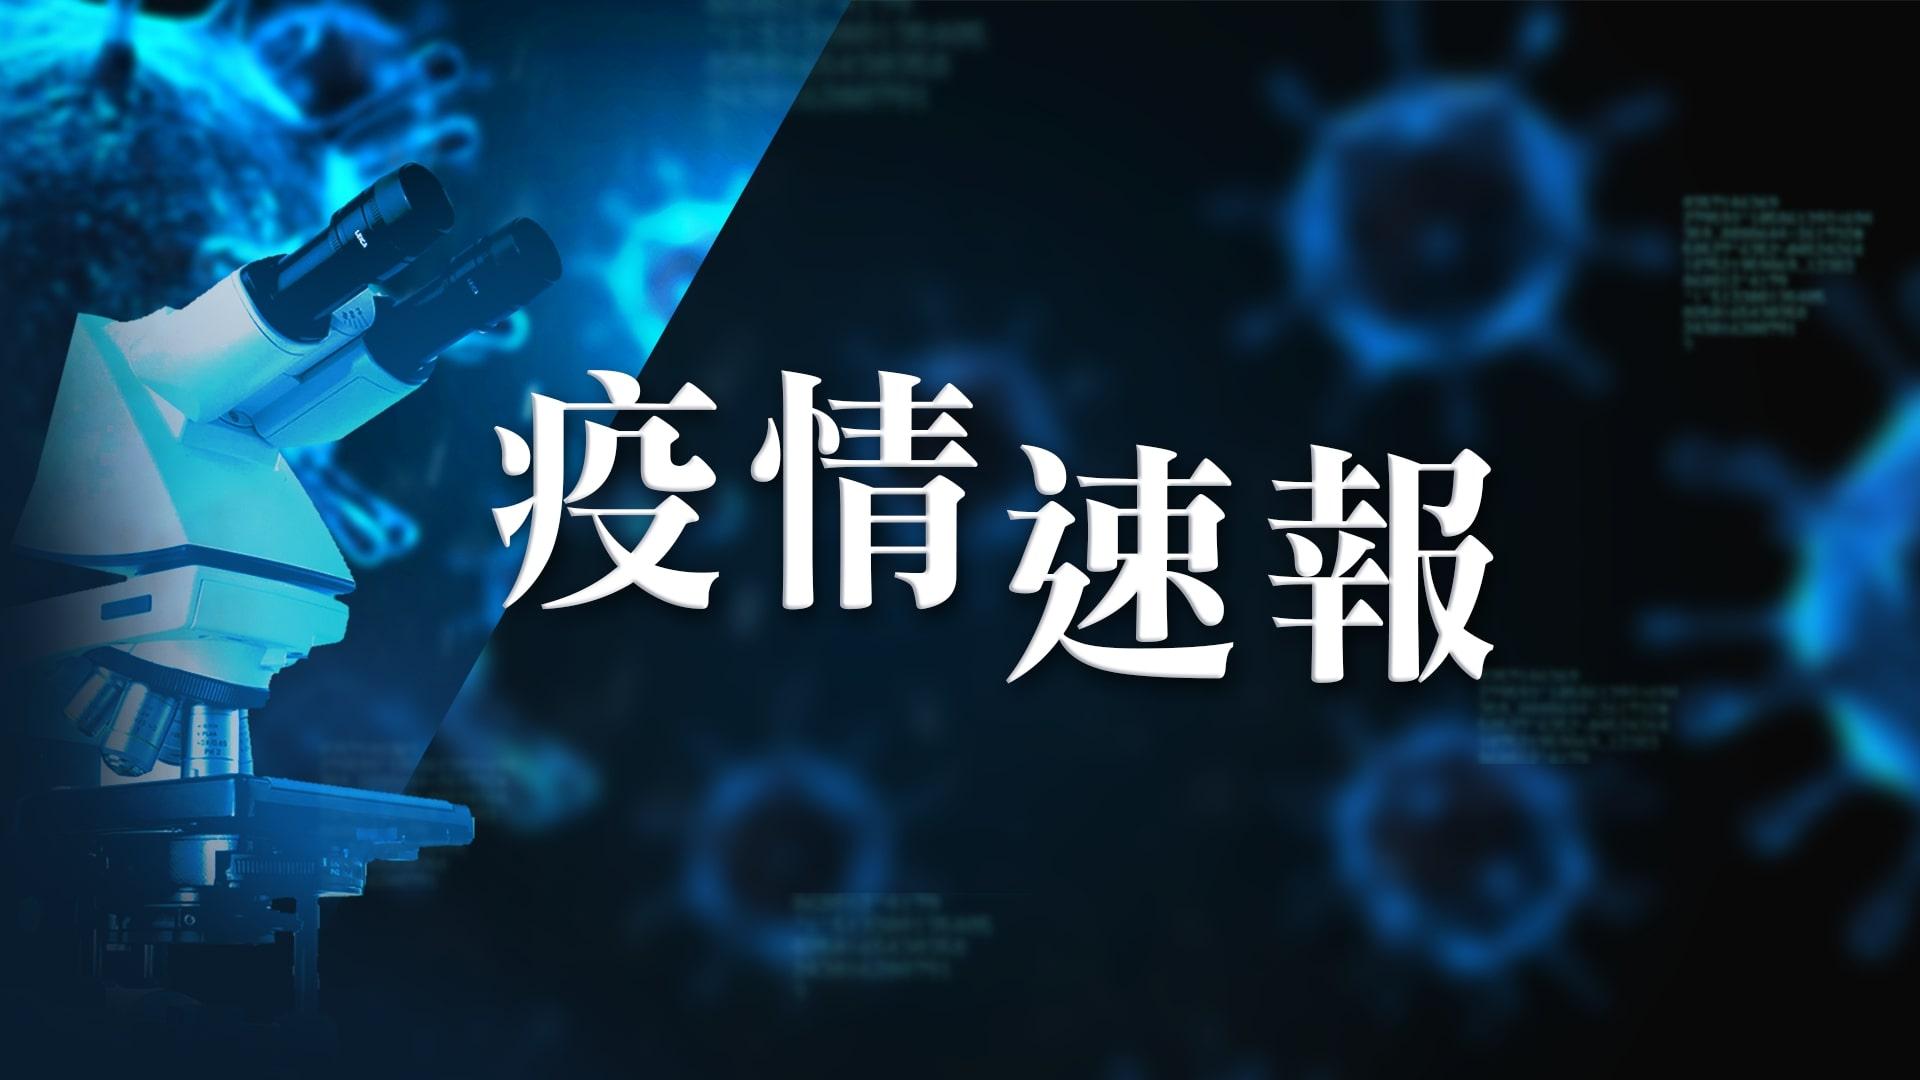 【10月25日疫情速報】(13:05)